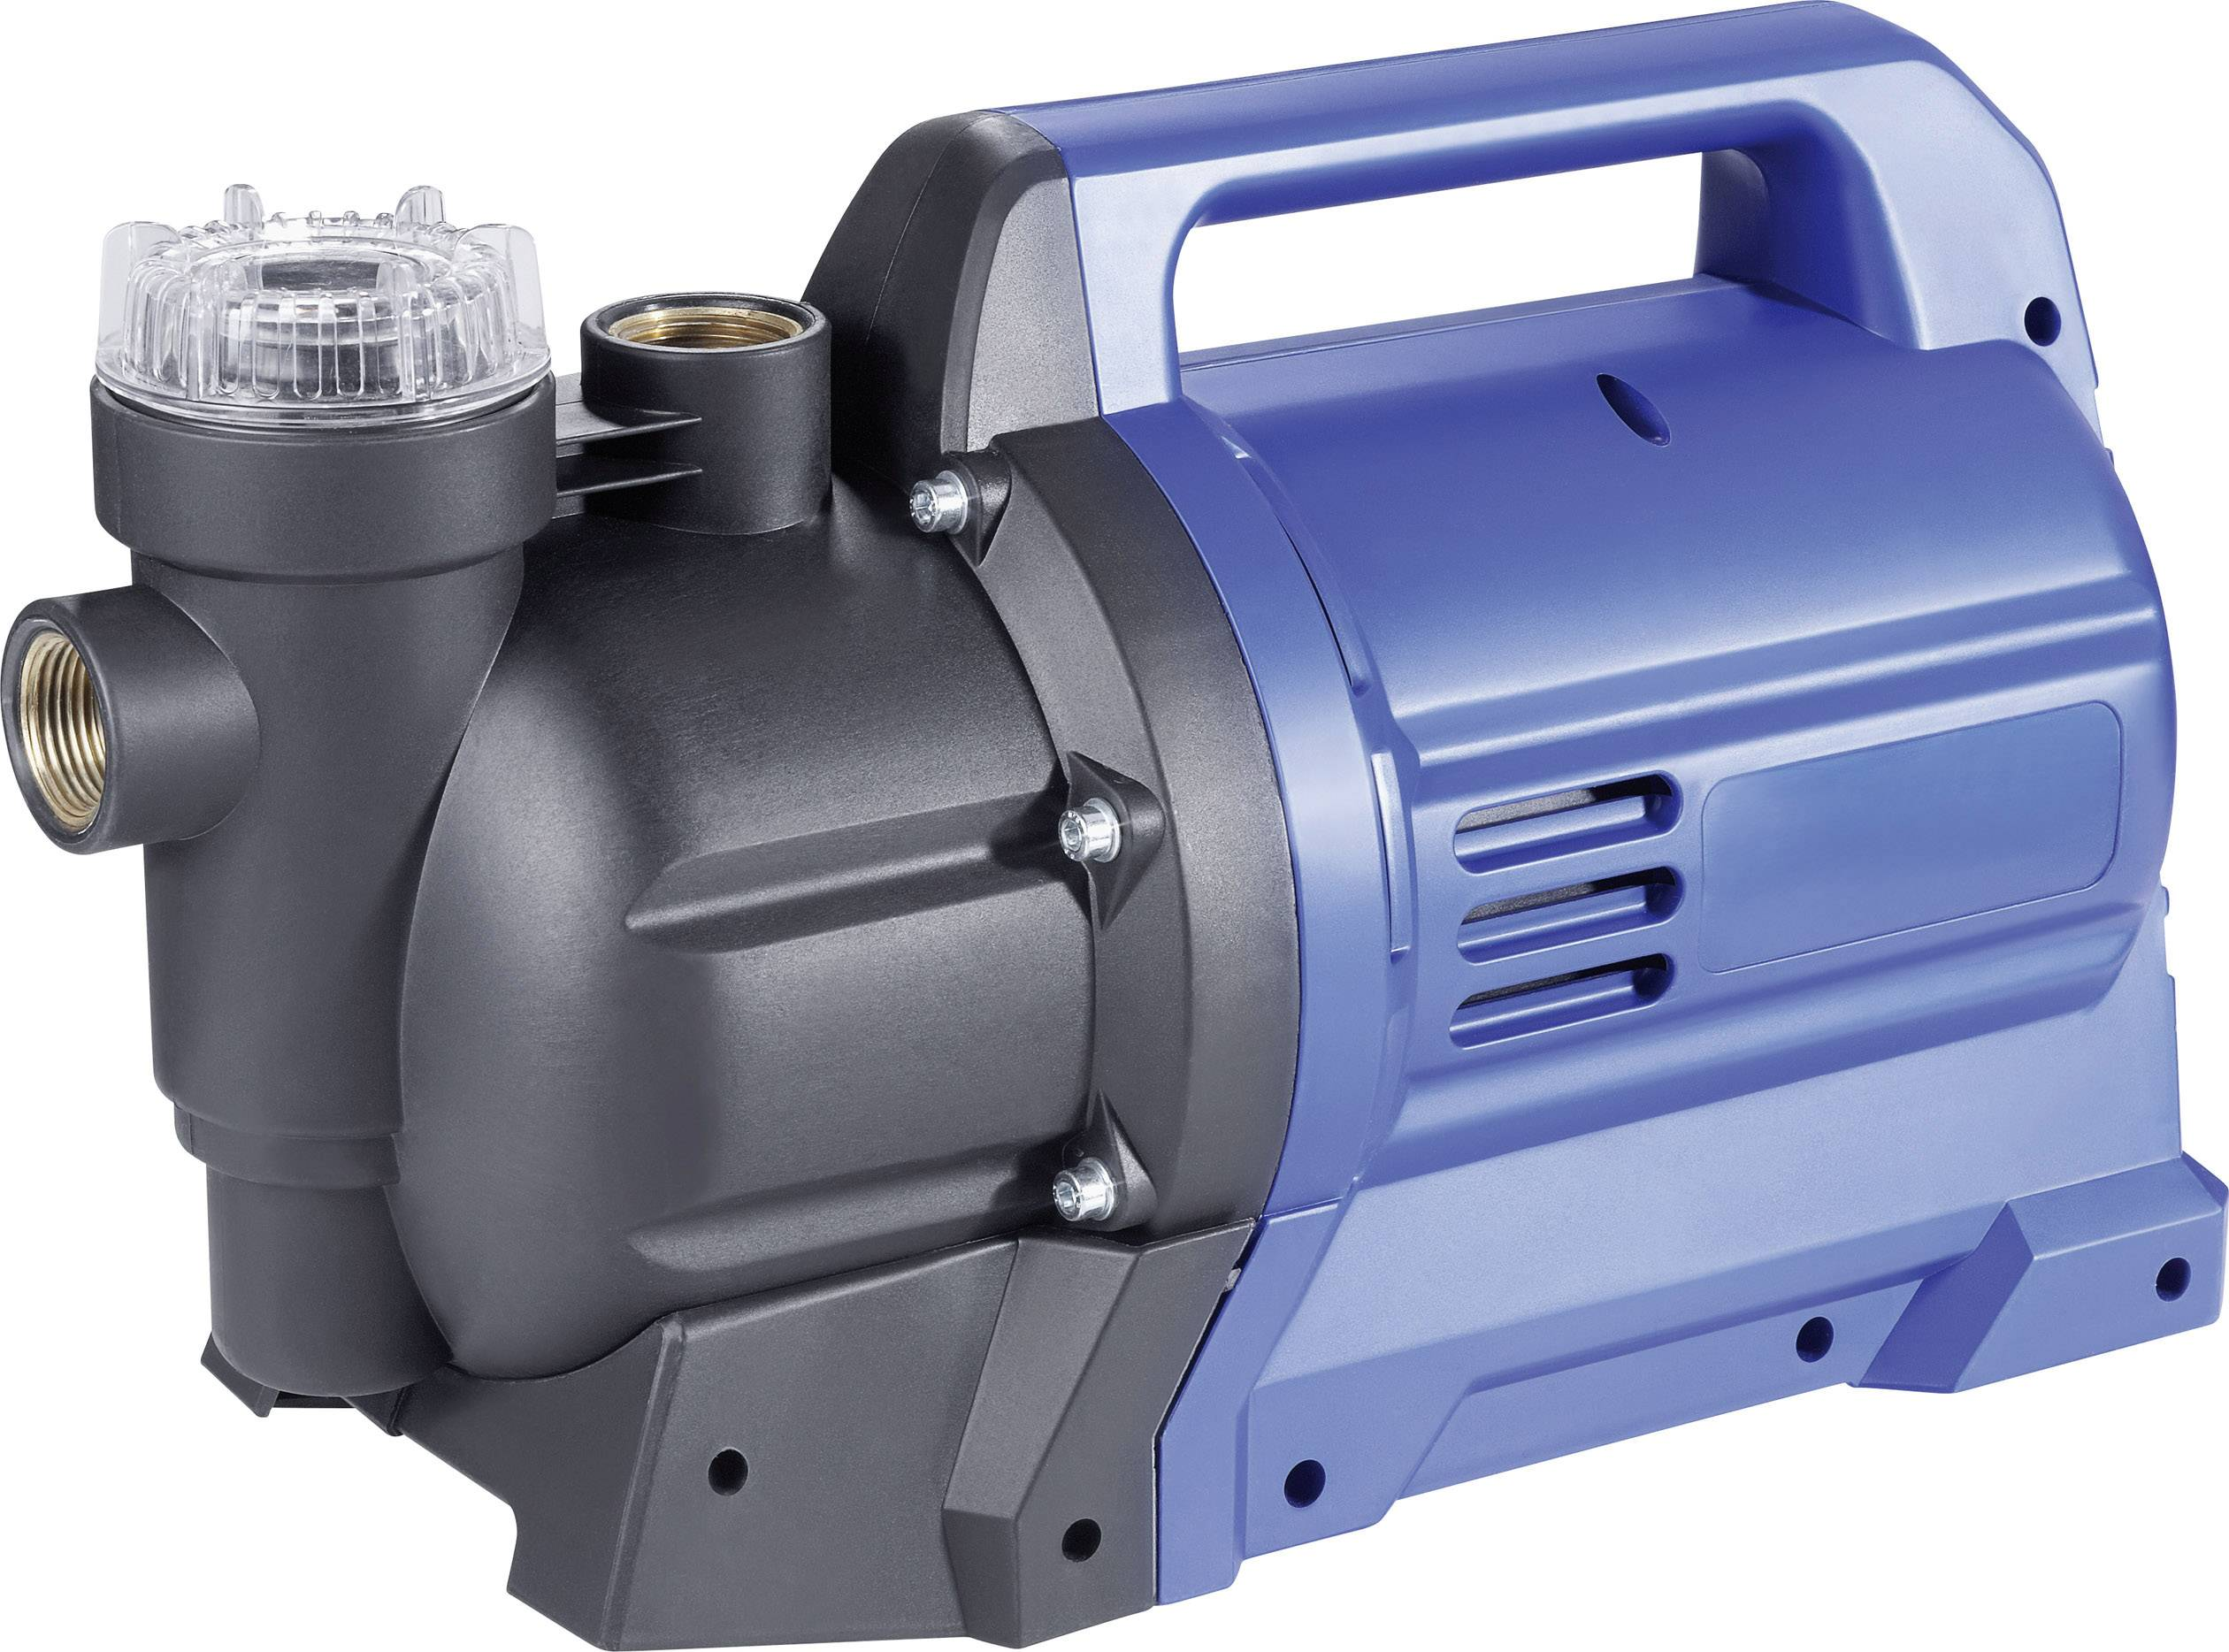 Zahradní čerpadlo Renkforce 1100W, 4200 l/h, 45 m, 1100 W